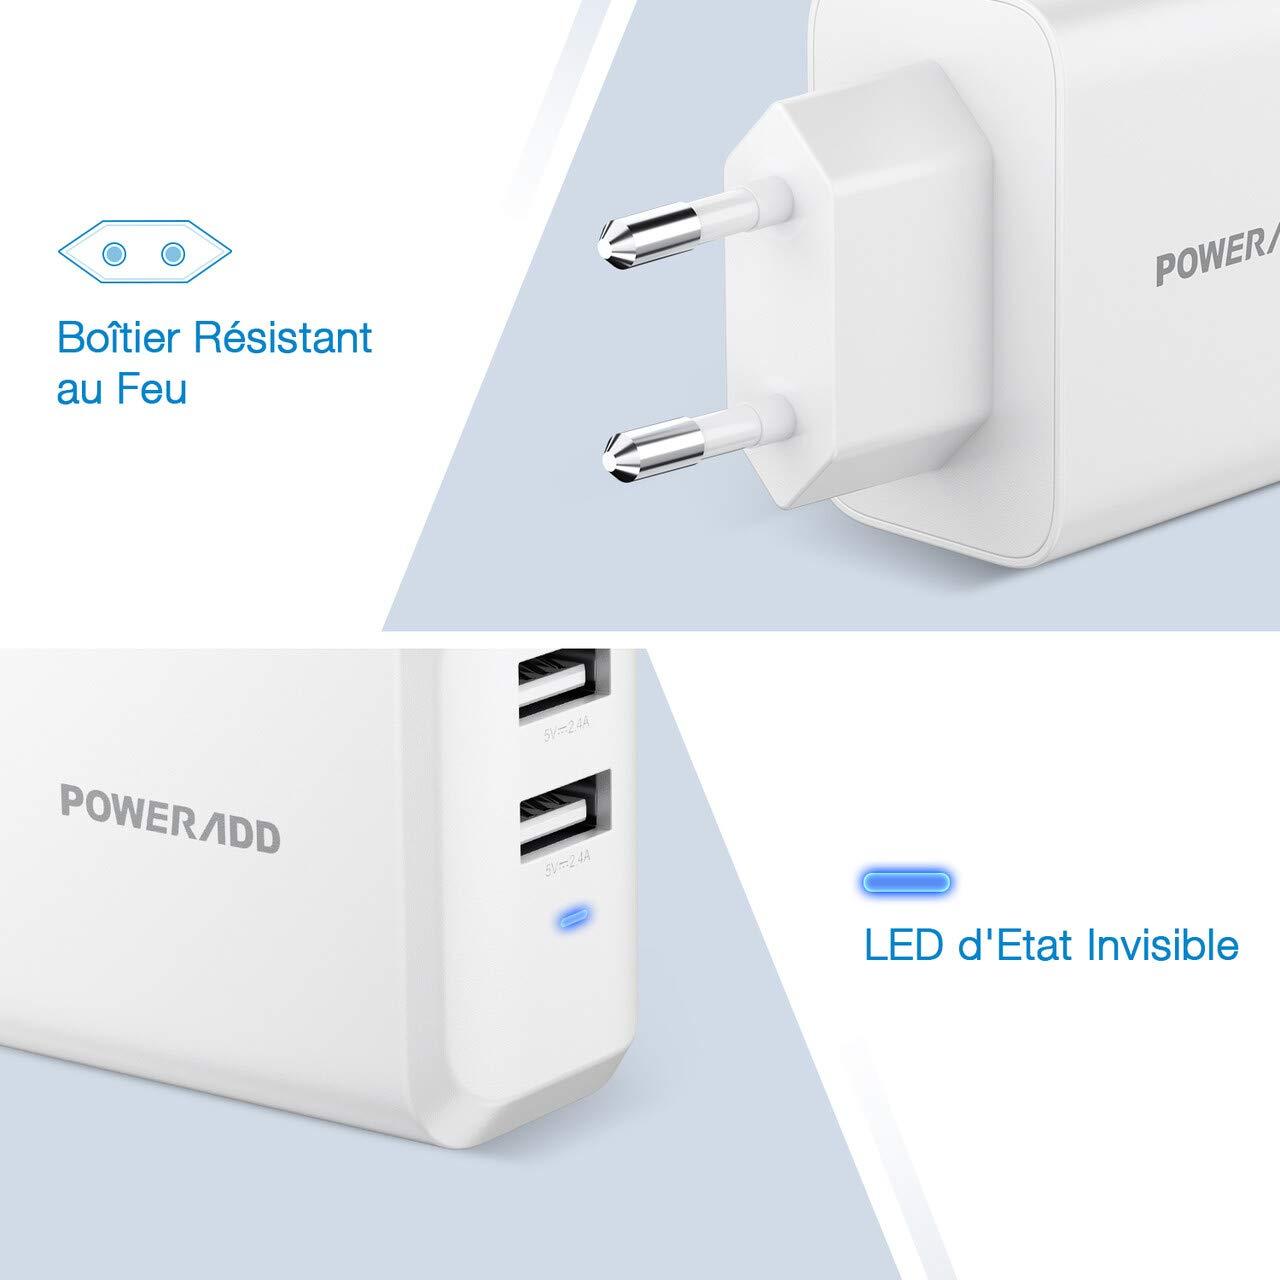 POWERADD Chargeur Secteur USB - 24W Deux Ports 5V/2.4A Anti-Chute Petite Taille Transporter à Facile Compatibilité Universelle pour iphone Huawei Xiaomi Samsung iPad Wiko Nexus etc